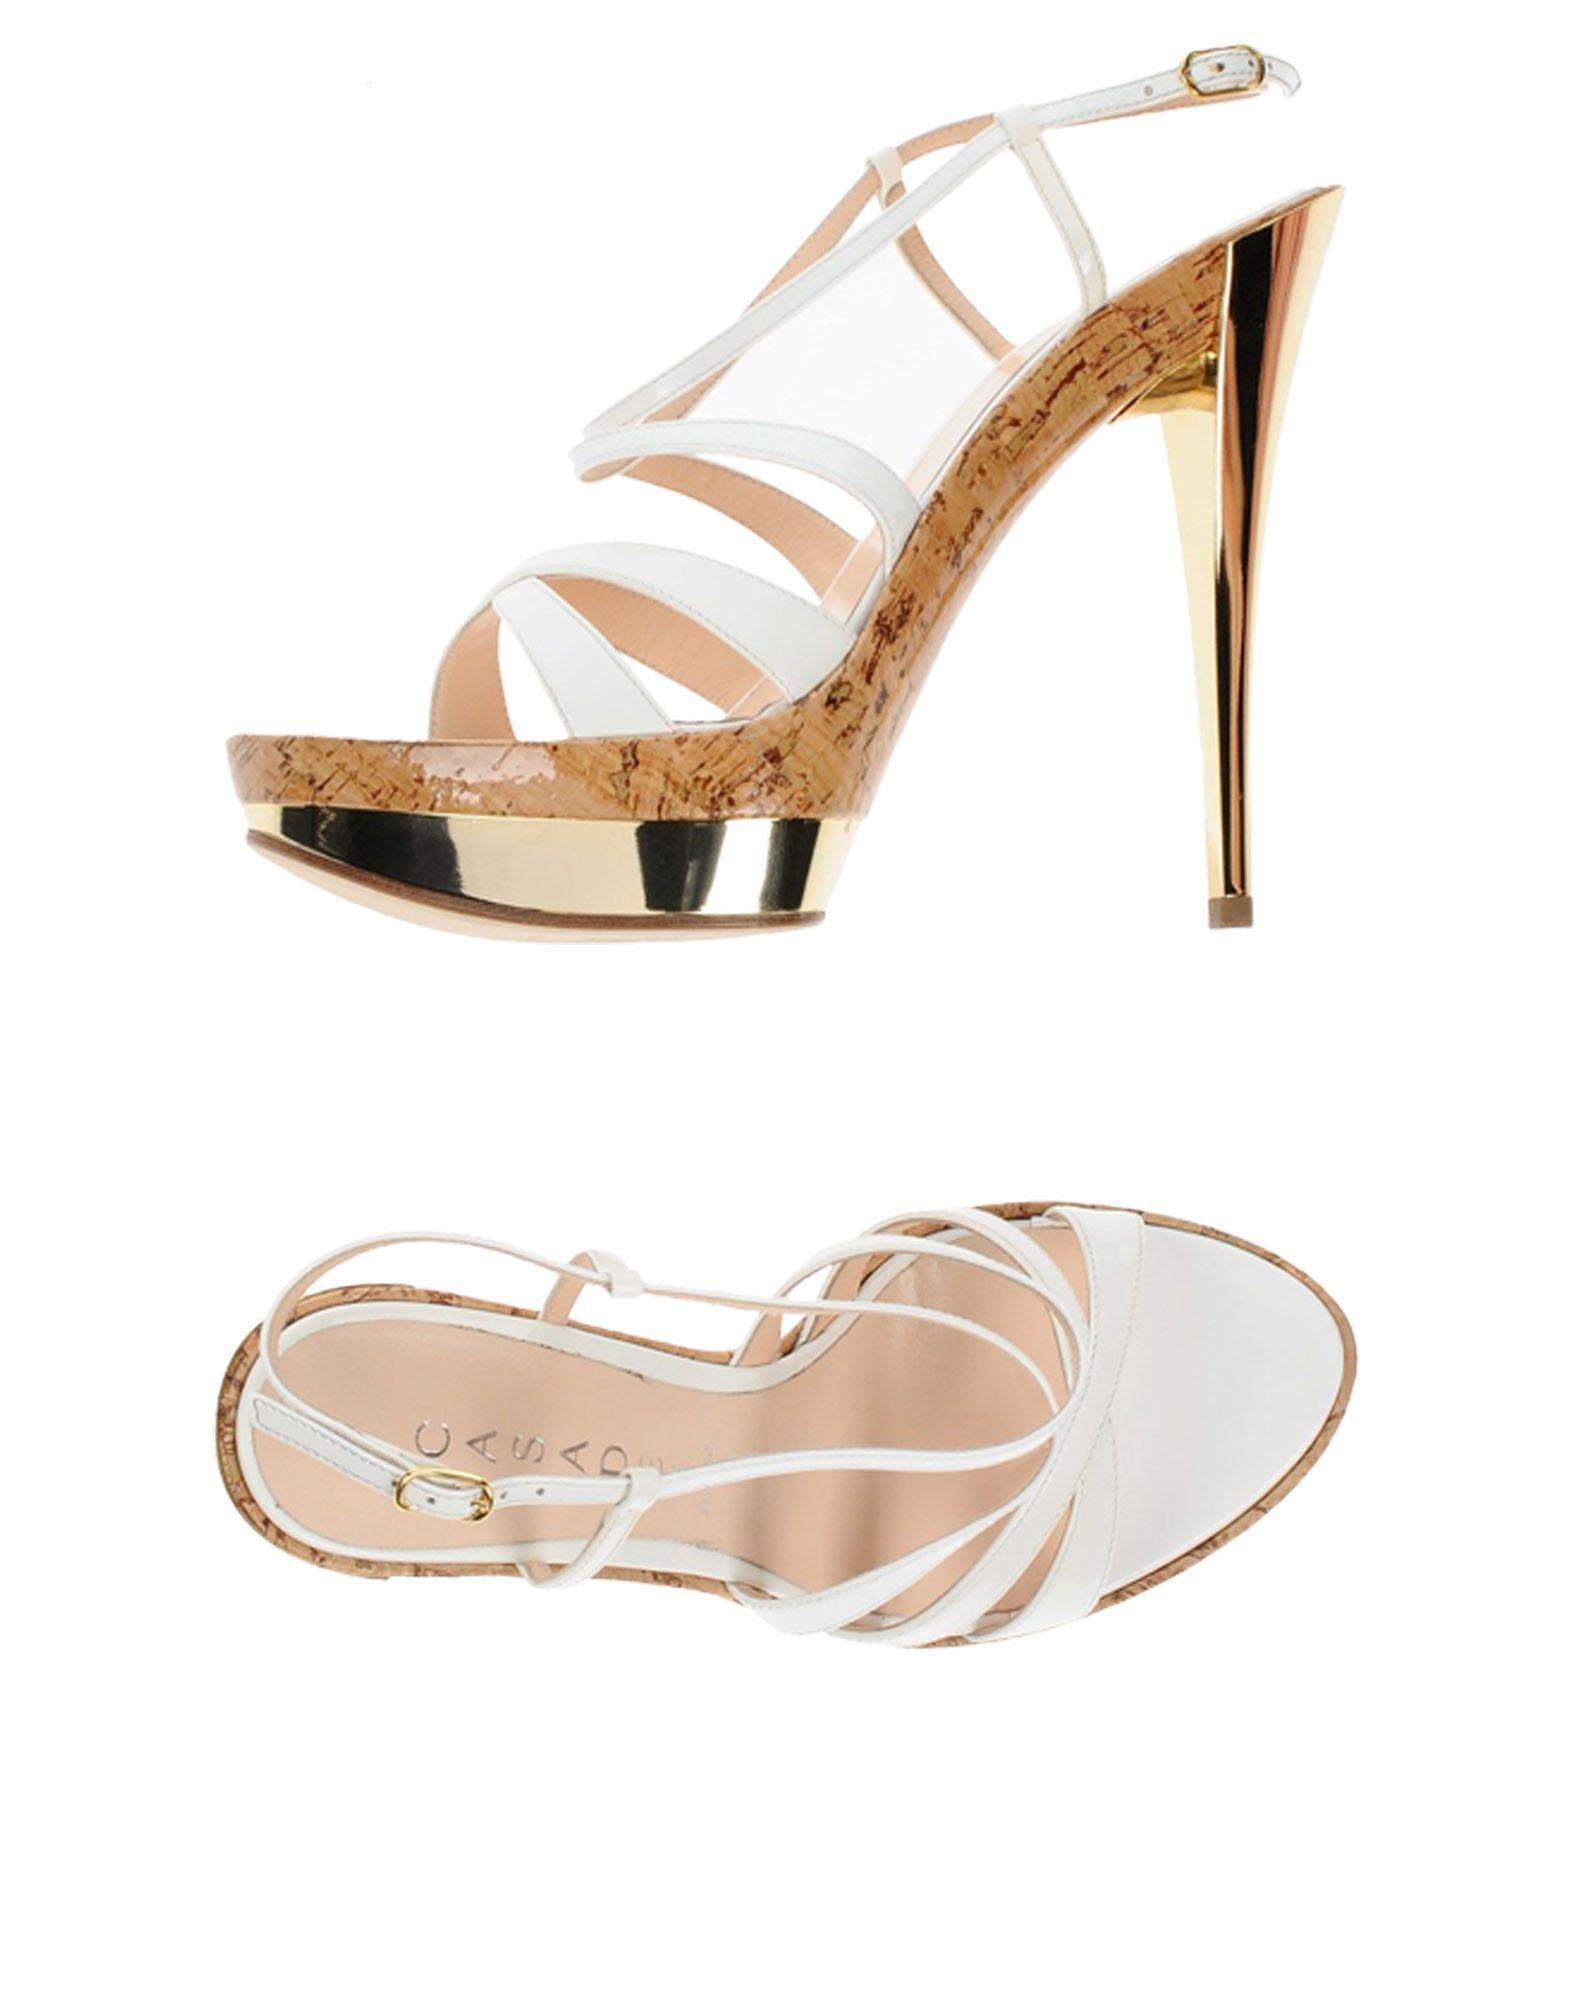 Casadei Sandals In White